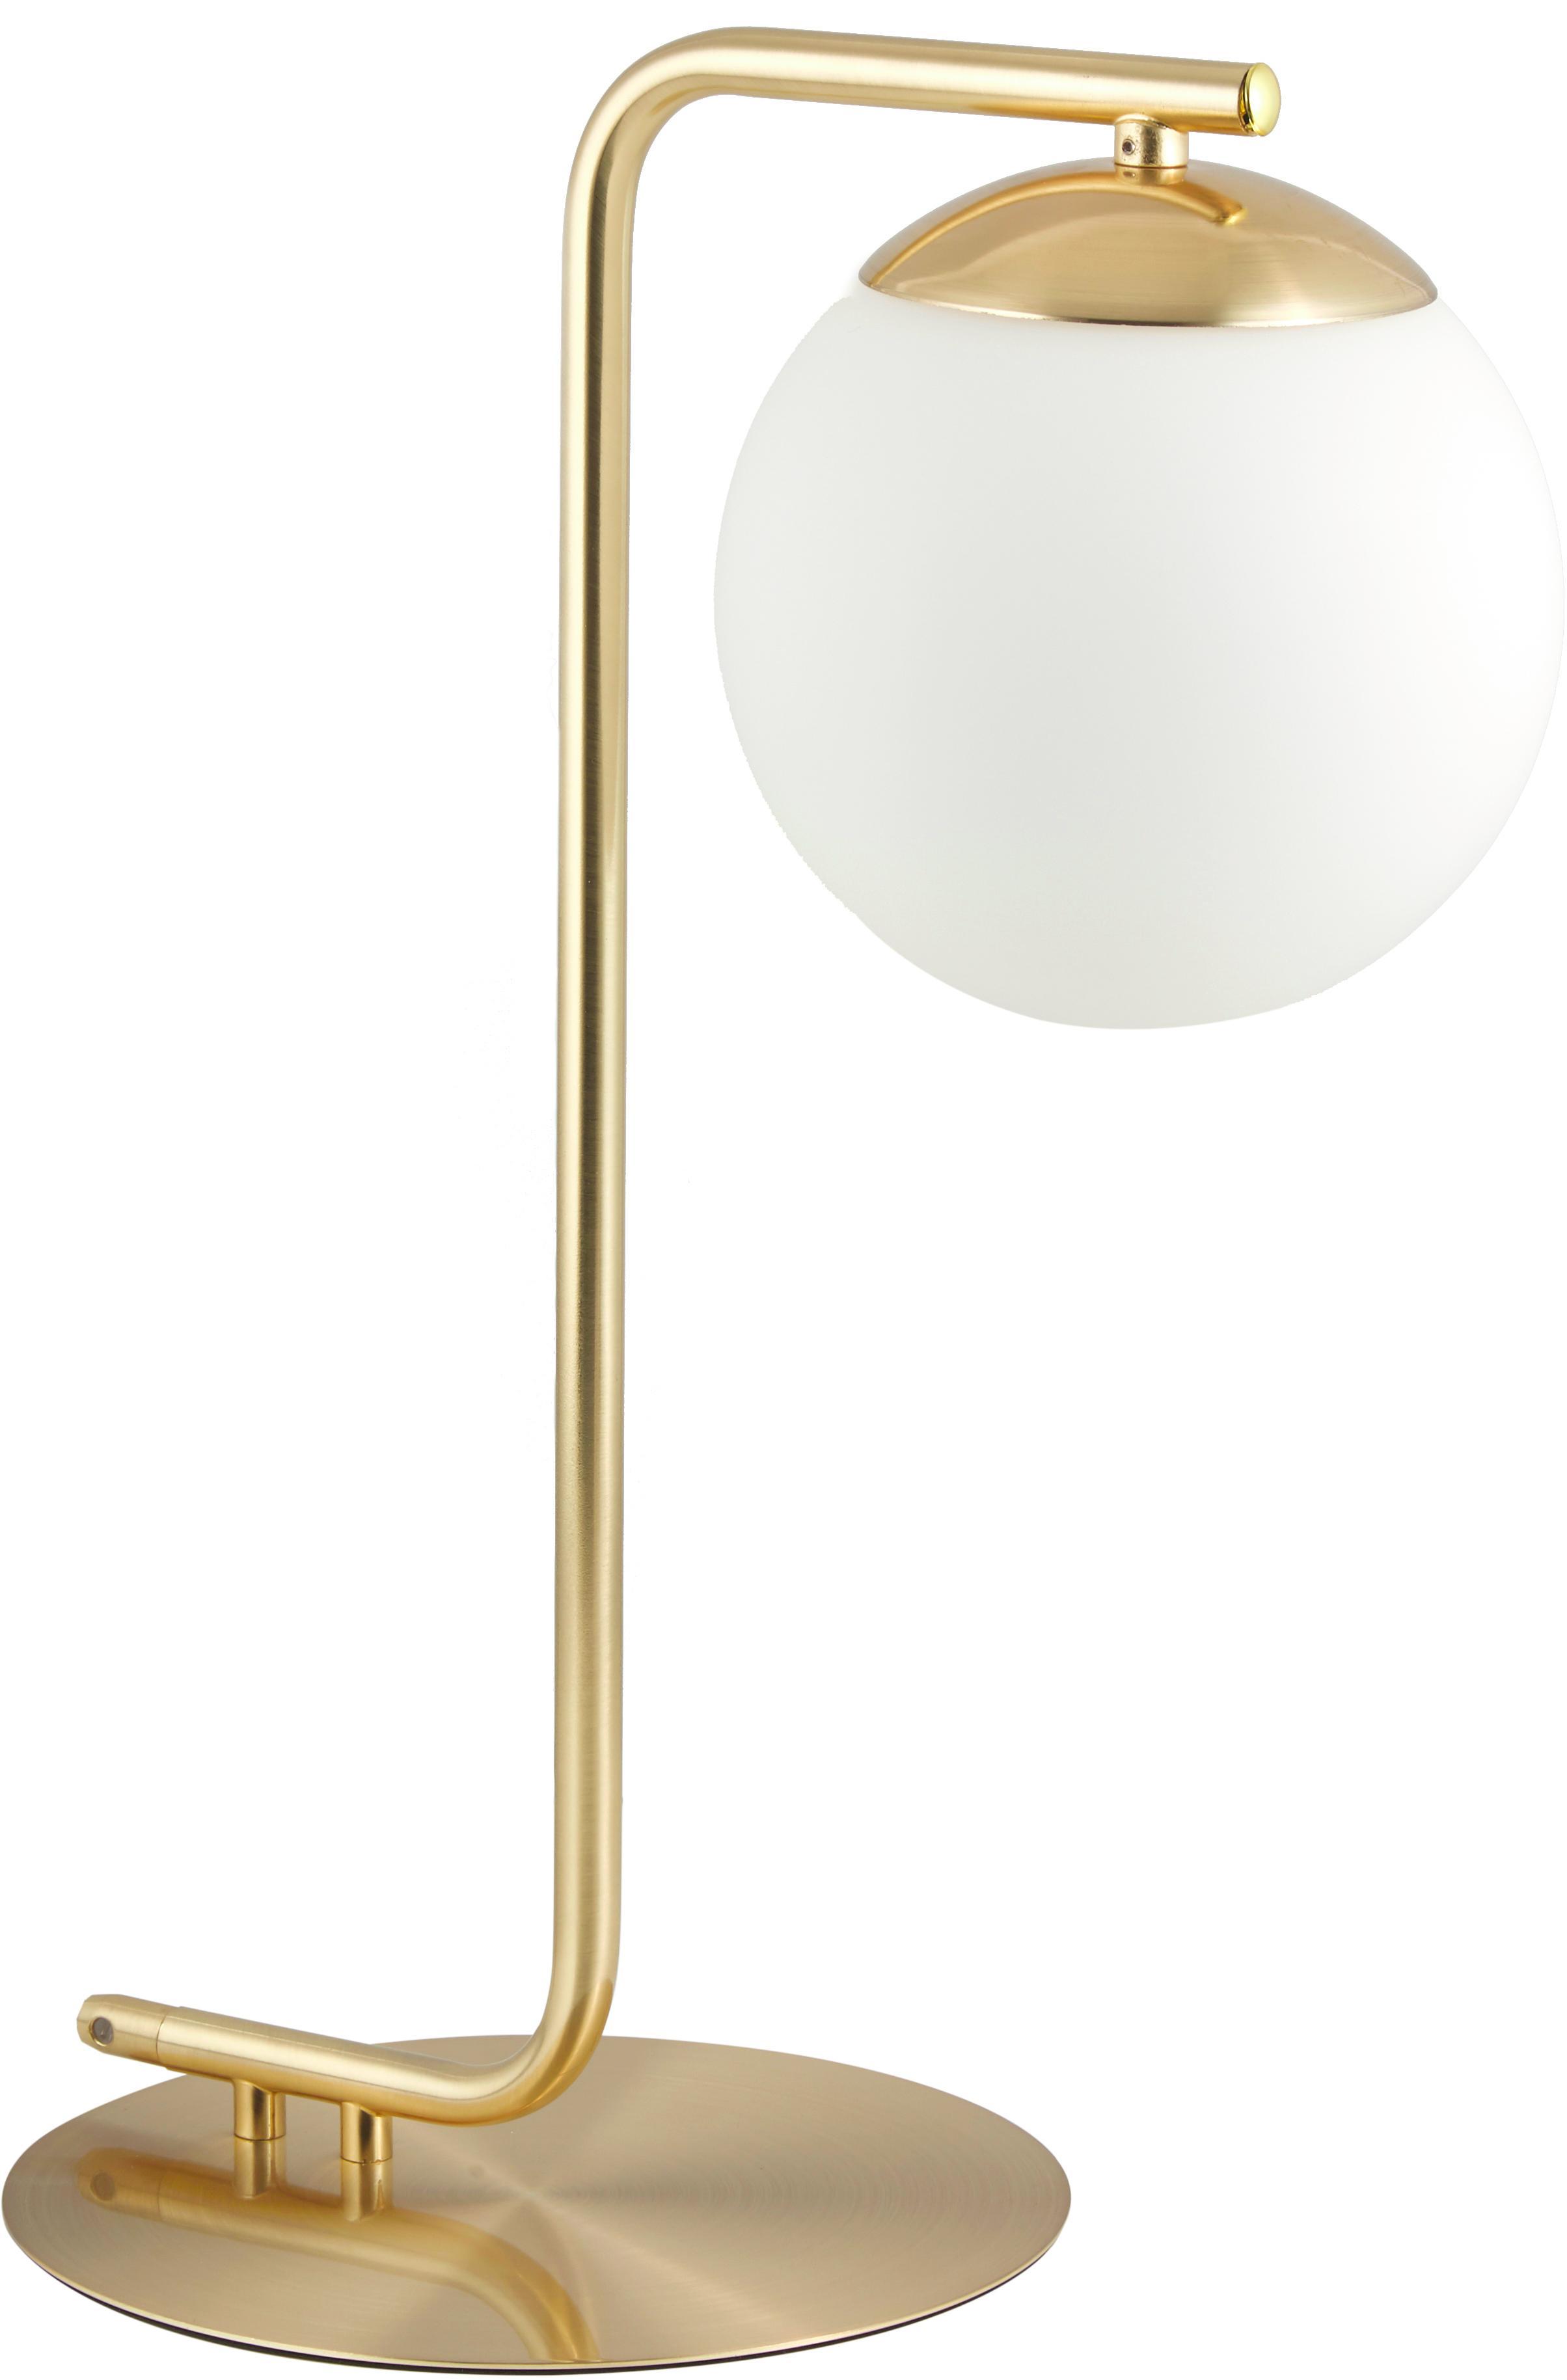 Tischleuchte Grant mit Messingfuß, Lampenfuß: Messing, Lampenschirm: Opalglas, Messing, Weiß, 20 x 41 cm